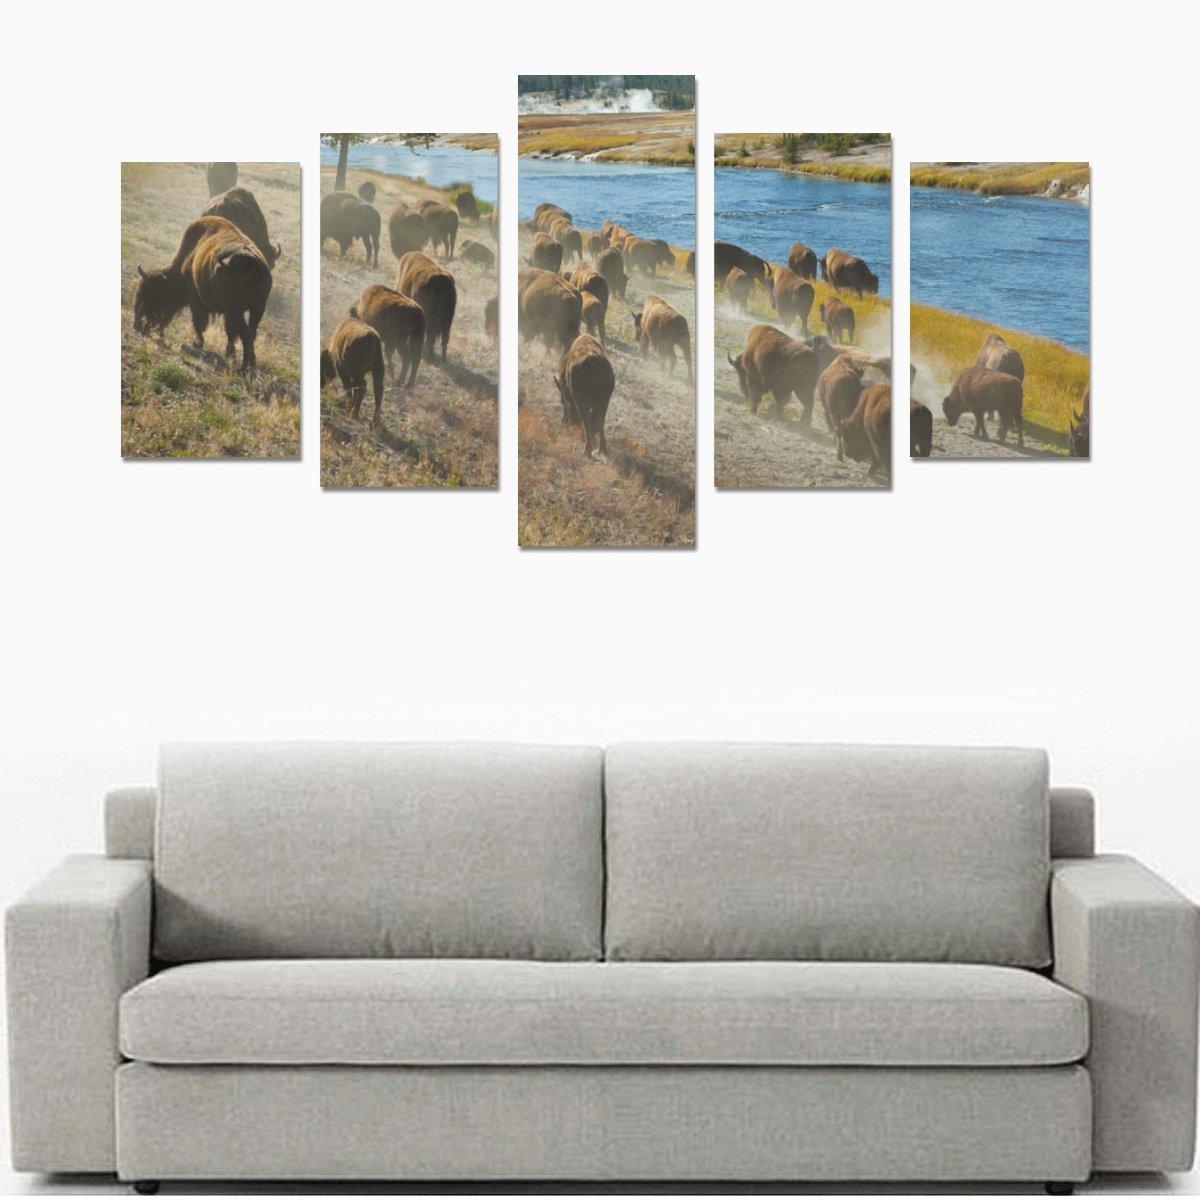 イエローストーン国立公園印刷5ピース壁アートペイントプリントキャンバスホーム装飾リビングルームキッチンの装飾( 12 x 20inch 2個、12 x 23inch 2個、12 x 31inch 1pc )   B0788R3SNL